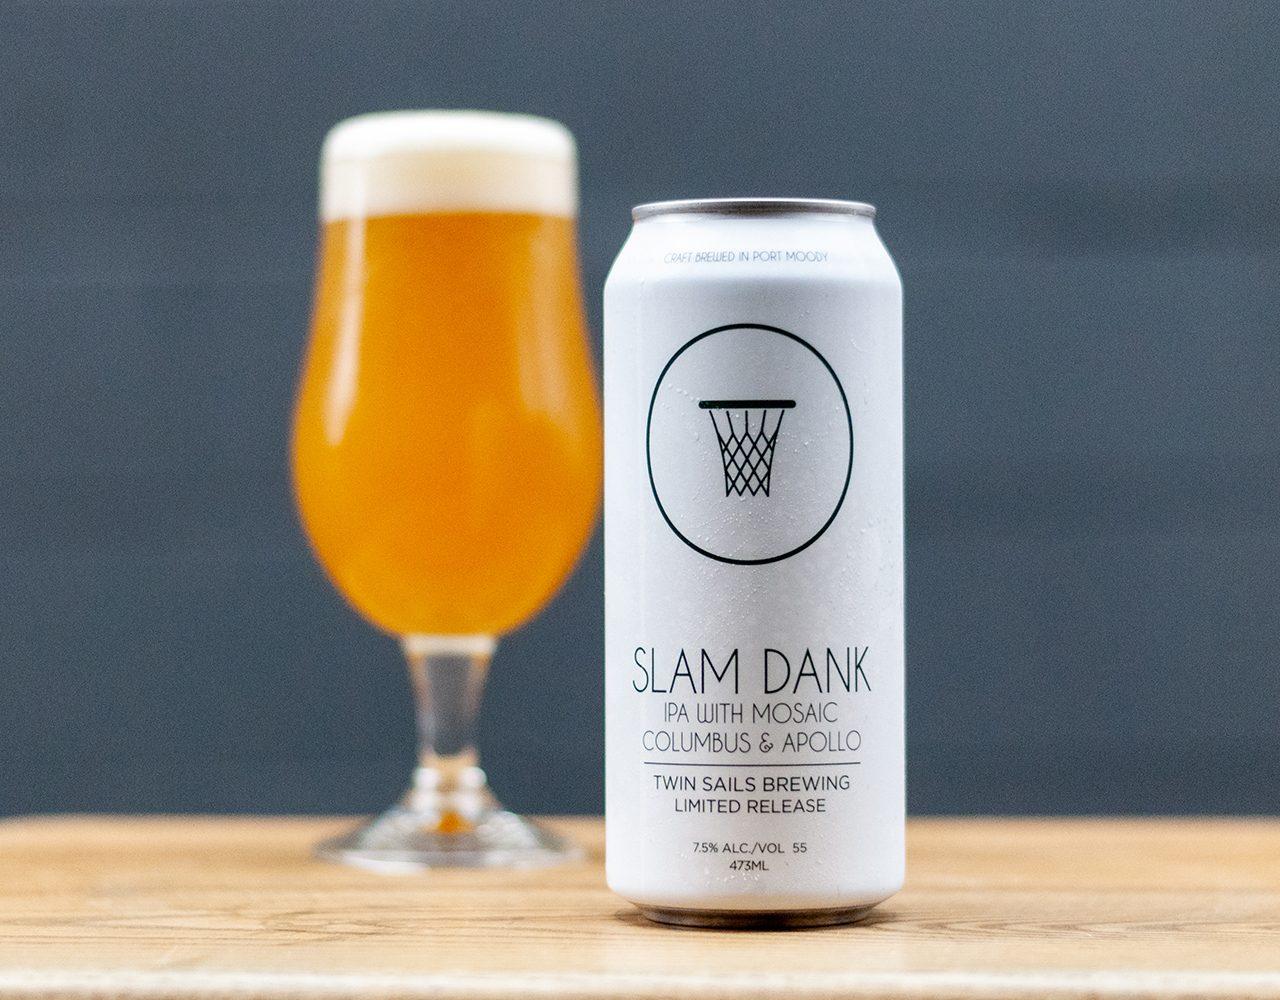 Slam Dank Web